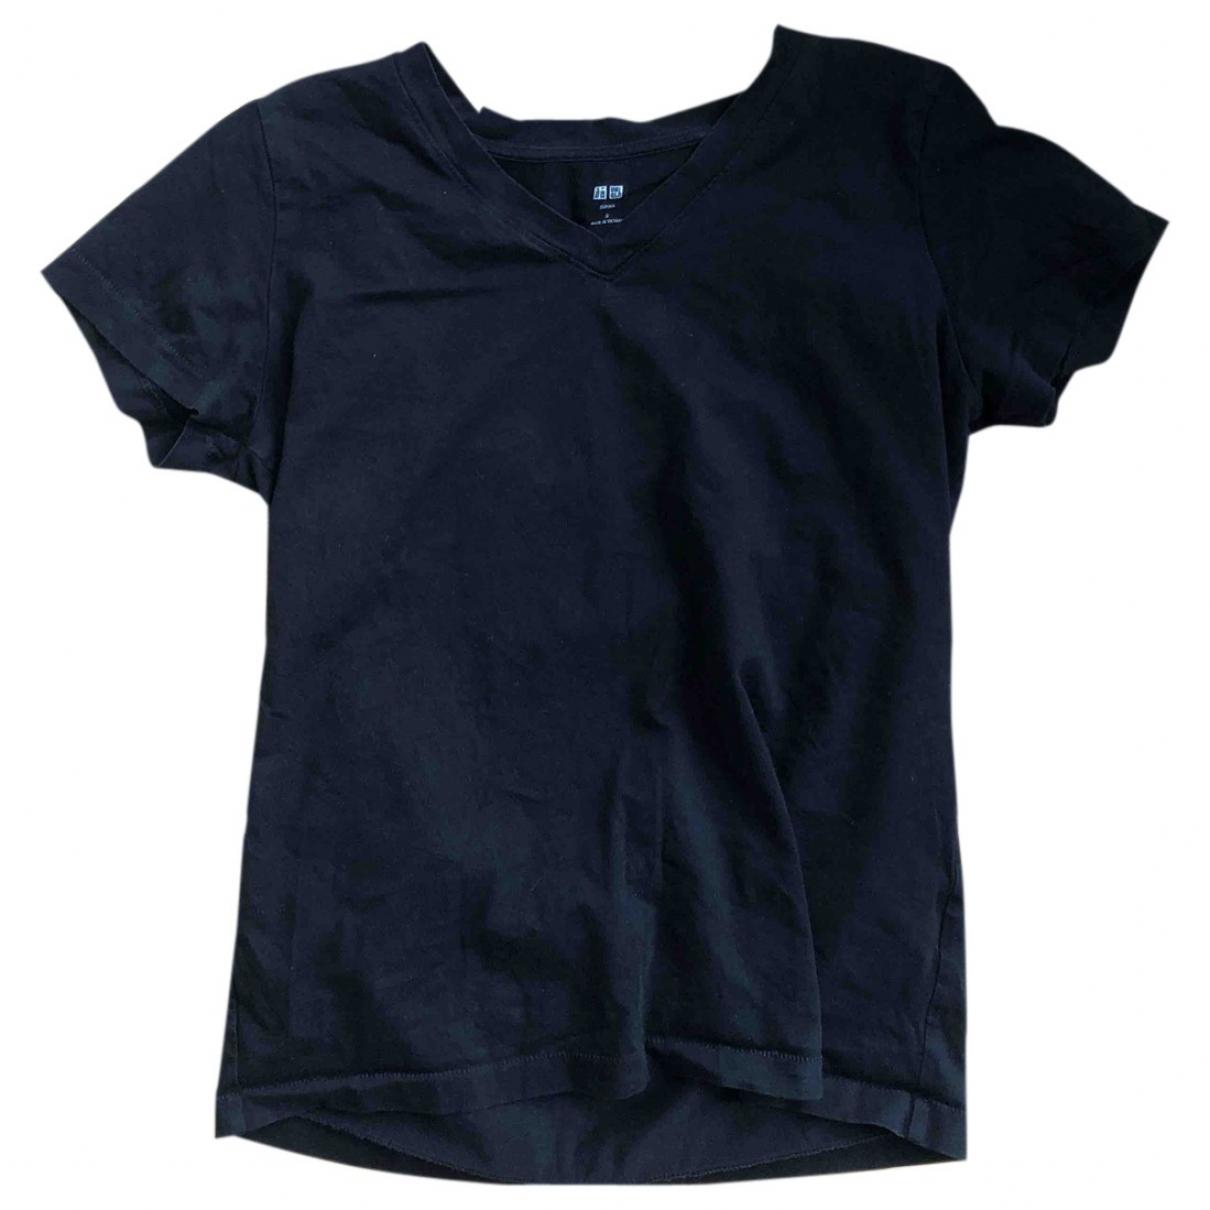 Uniqlo - Top   pour femme en coton - noir